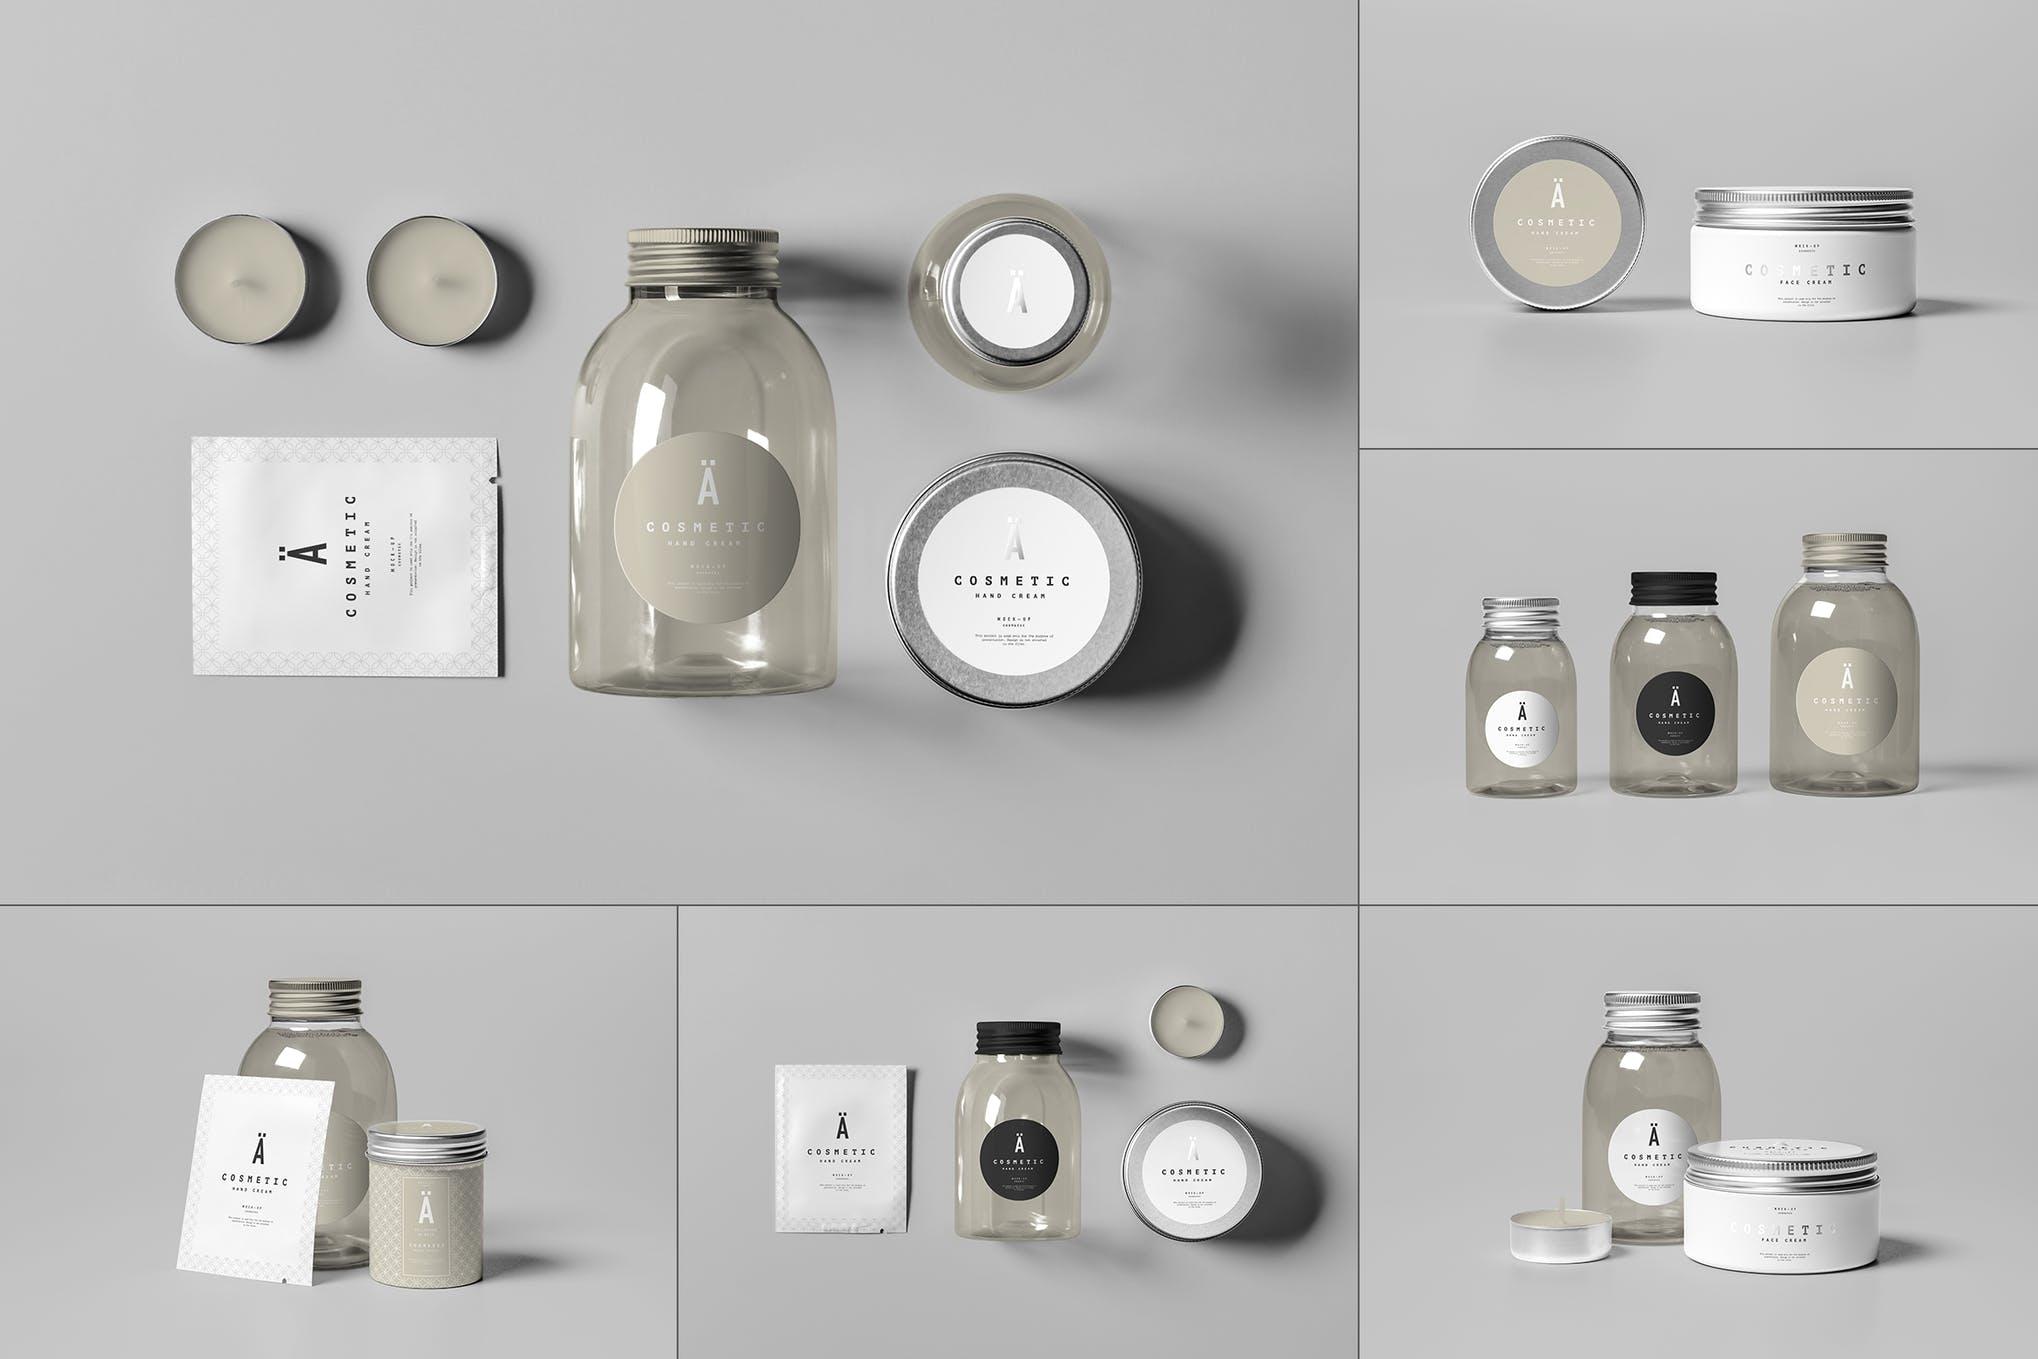 化妆品湿巾蜡烛玻璃瓶套装样机效果图插图(1)